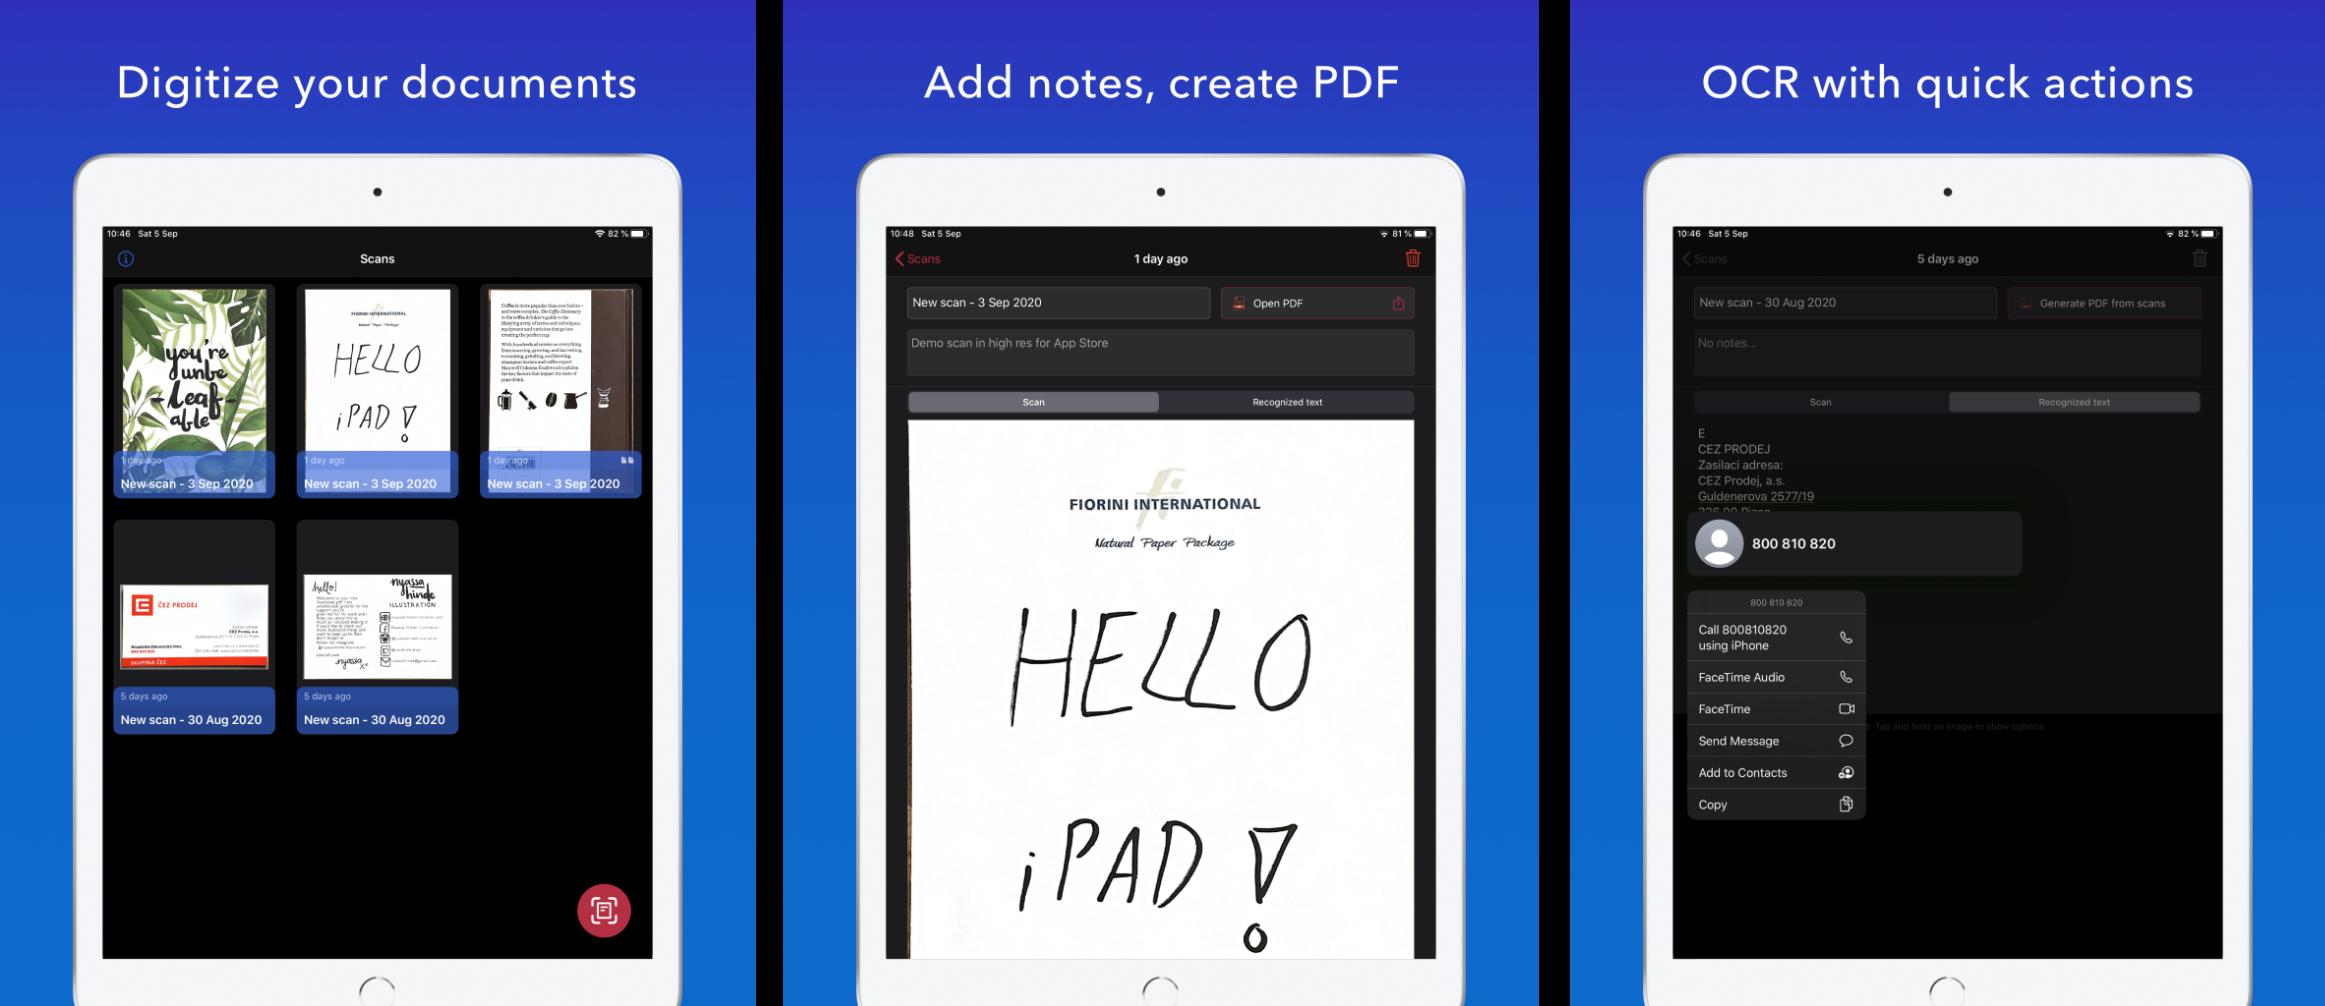 Scan it - iPad promo